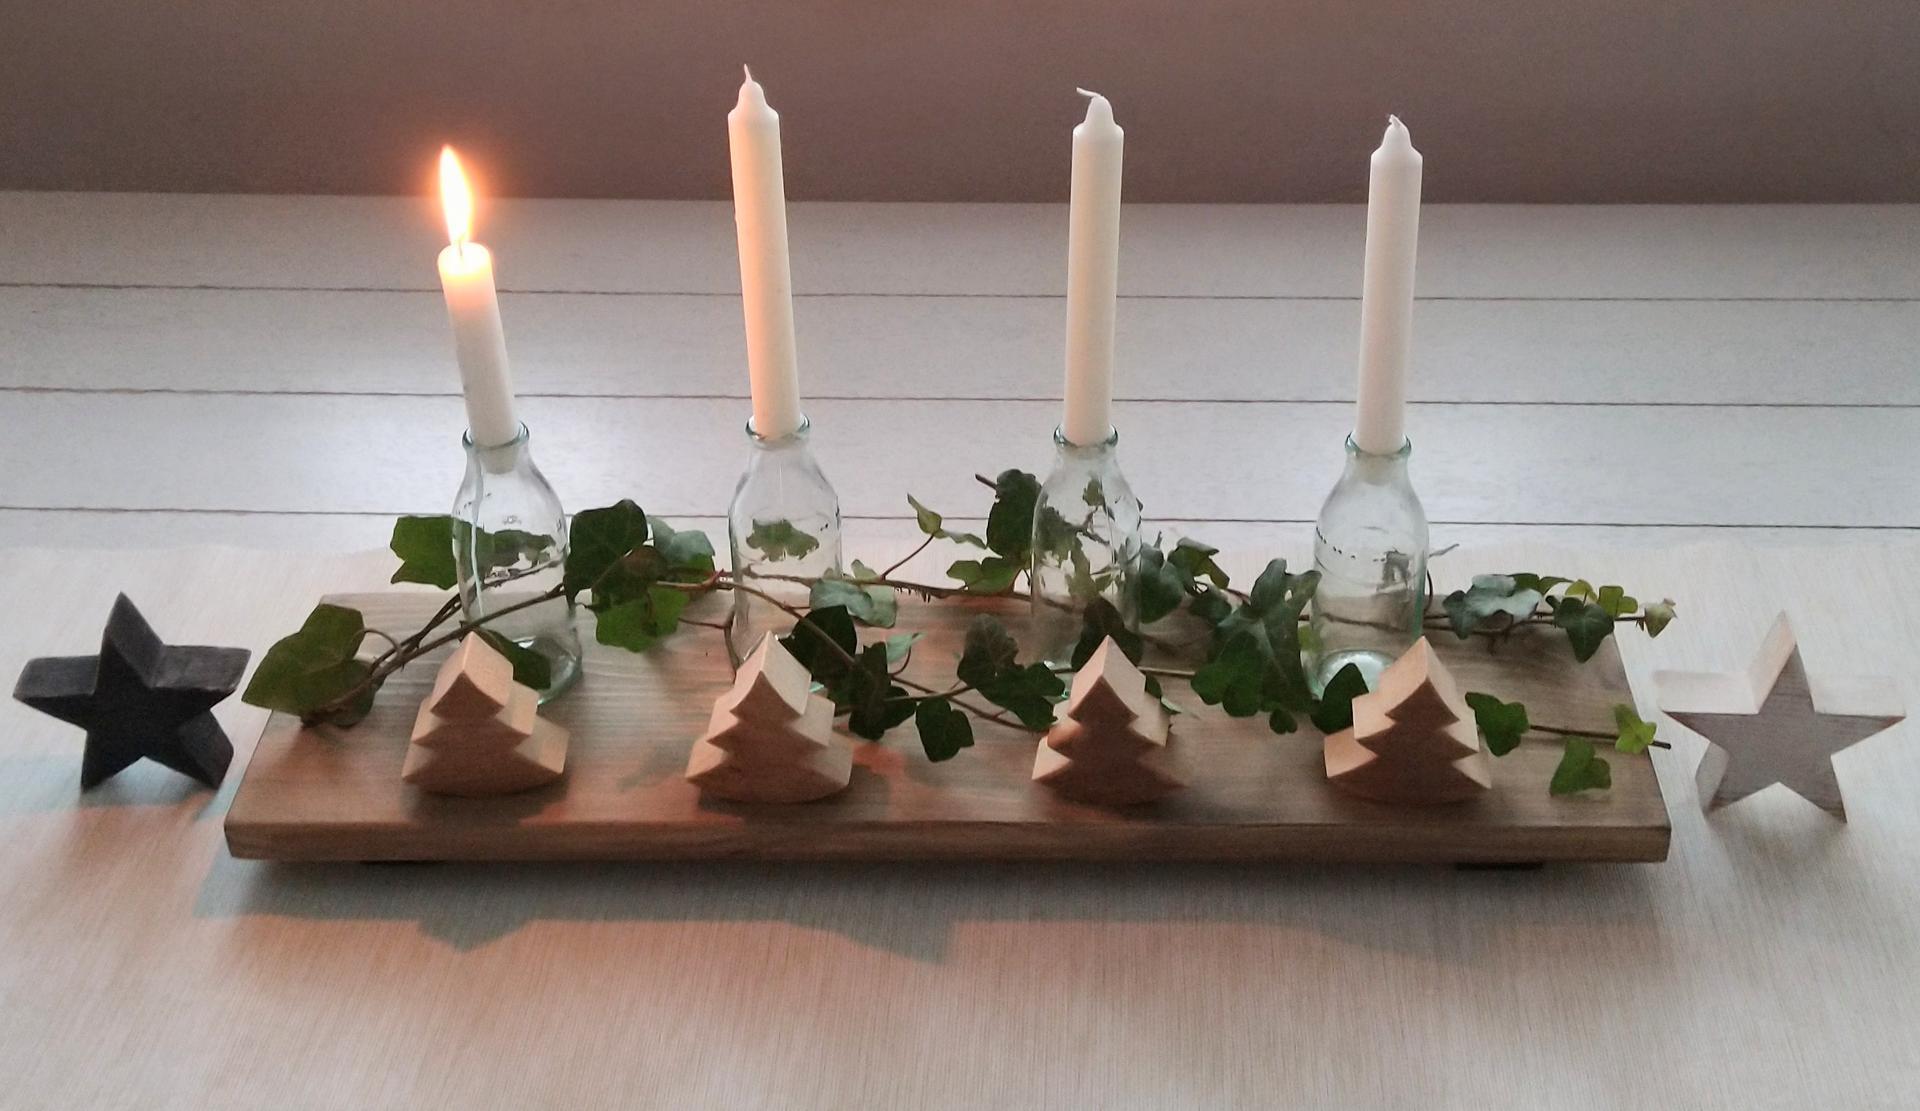 Vianočné dekorácie,advent a vianoce 2020 - Obrázok č. 7